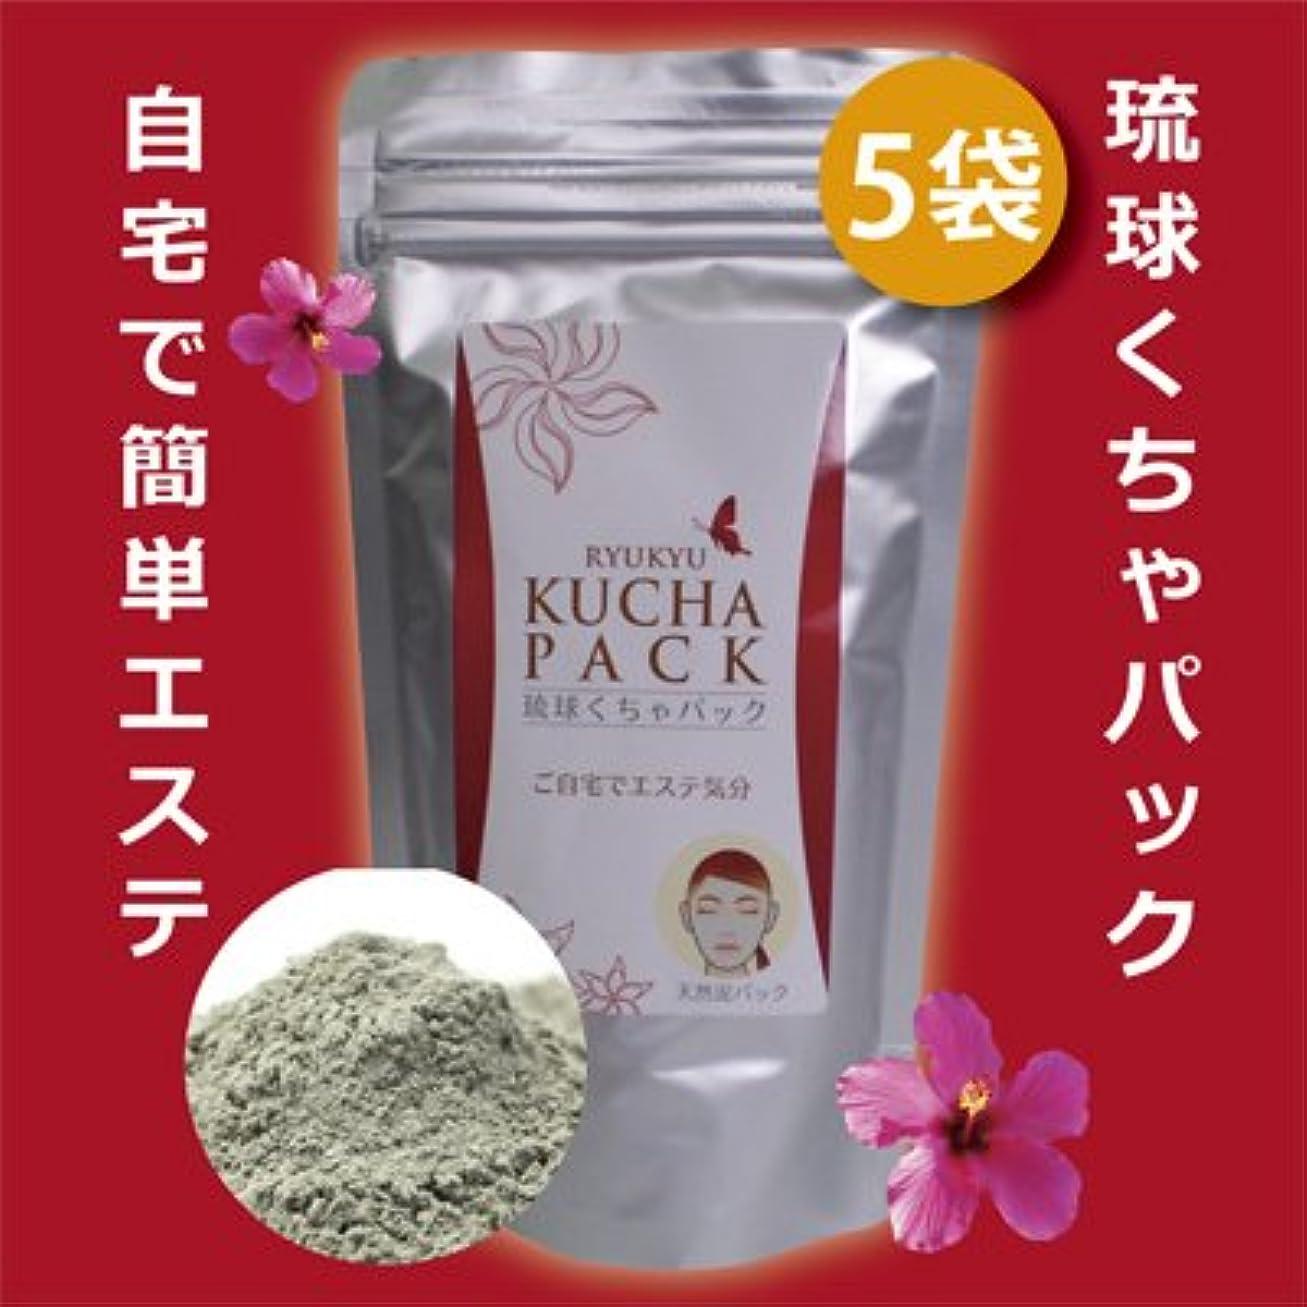 パス多分また美肌 健康作り 月桃水を加えた使いやすい粉末 沖縄産 琉球くちゃパック 150g 5パック